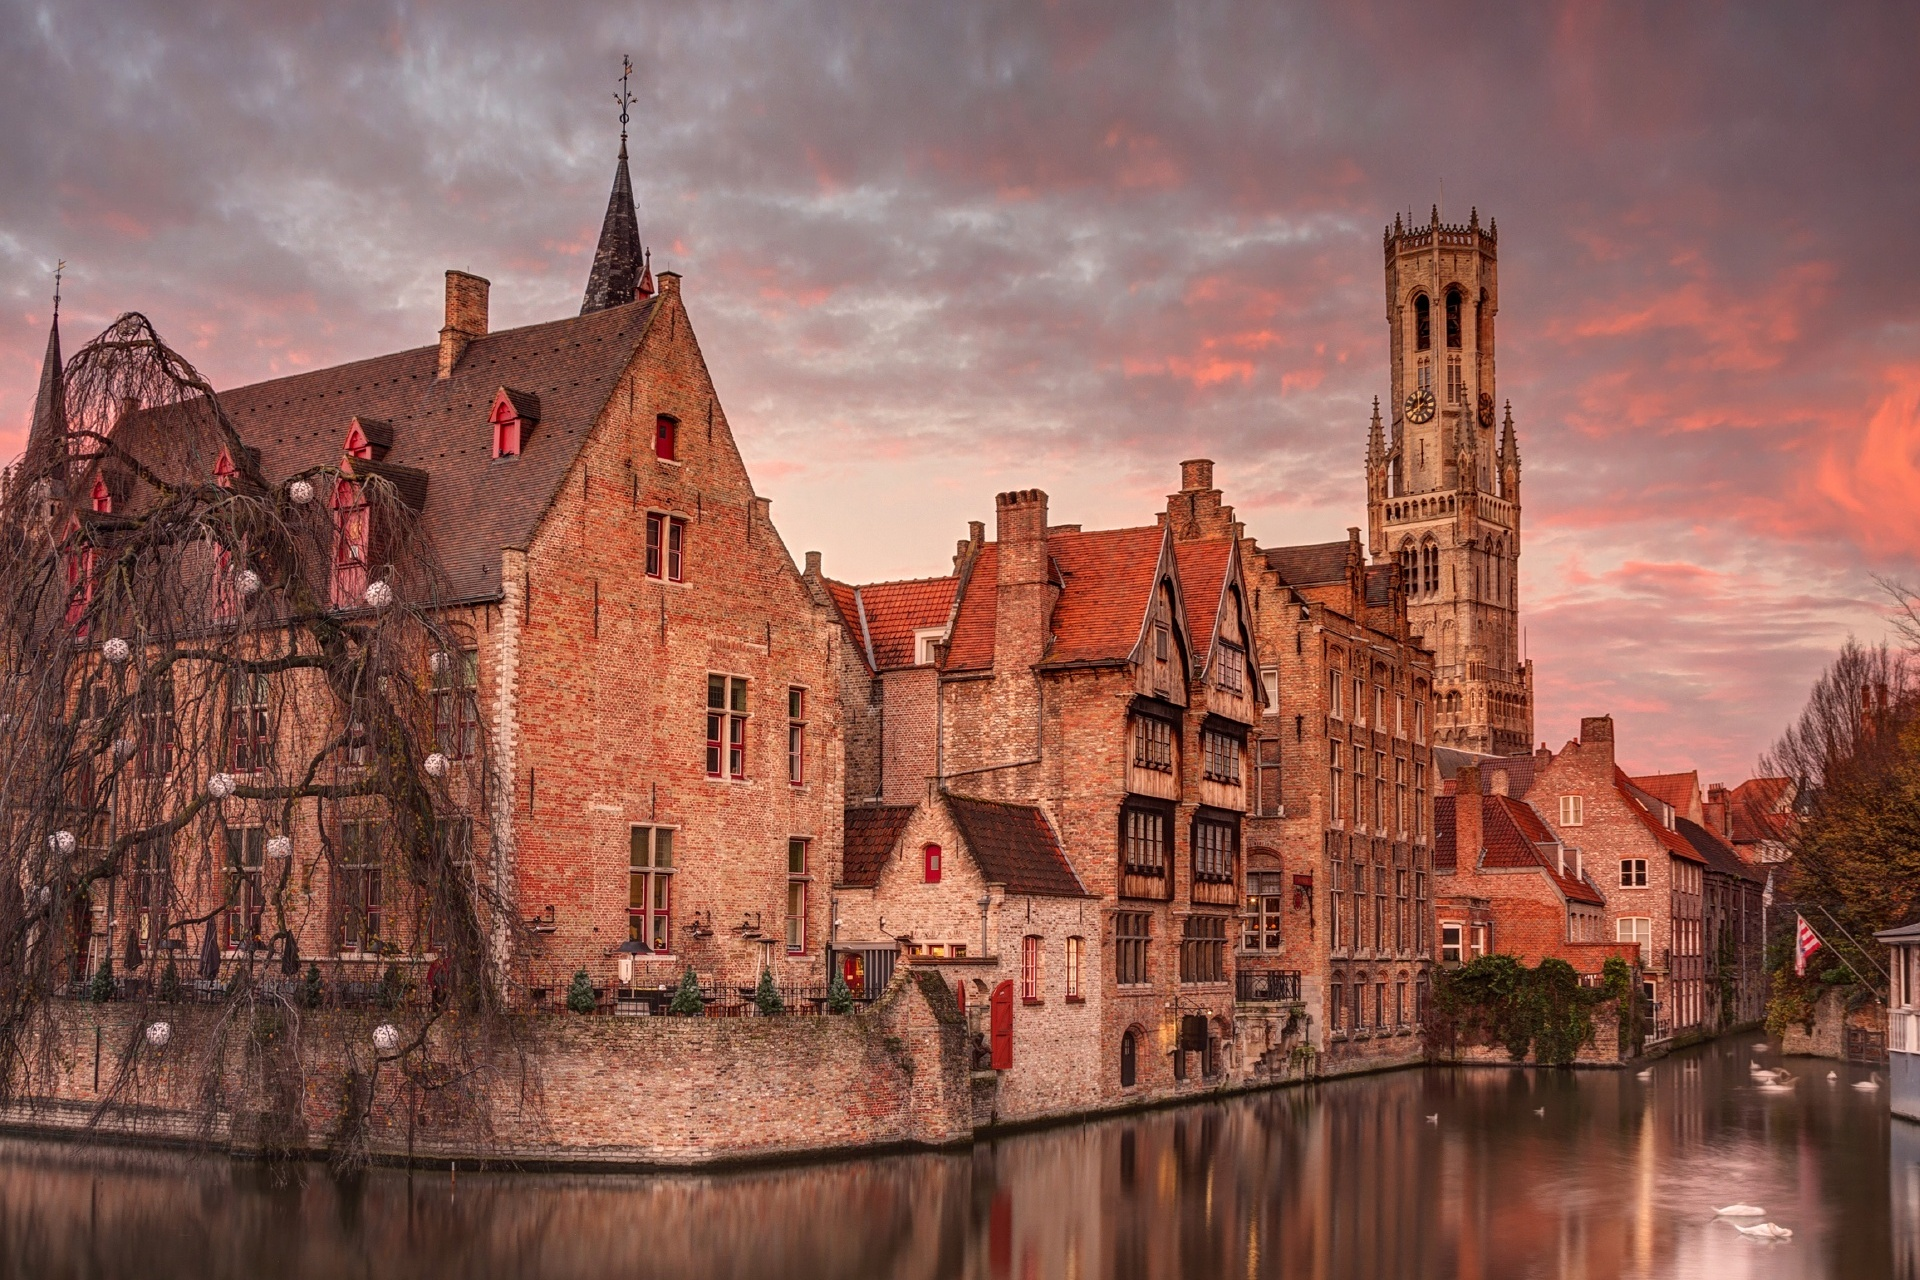 ベルギー 朝のブルージュの風景 ベルギーの風景